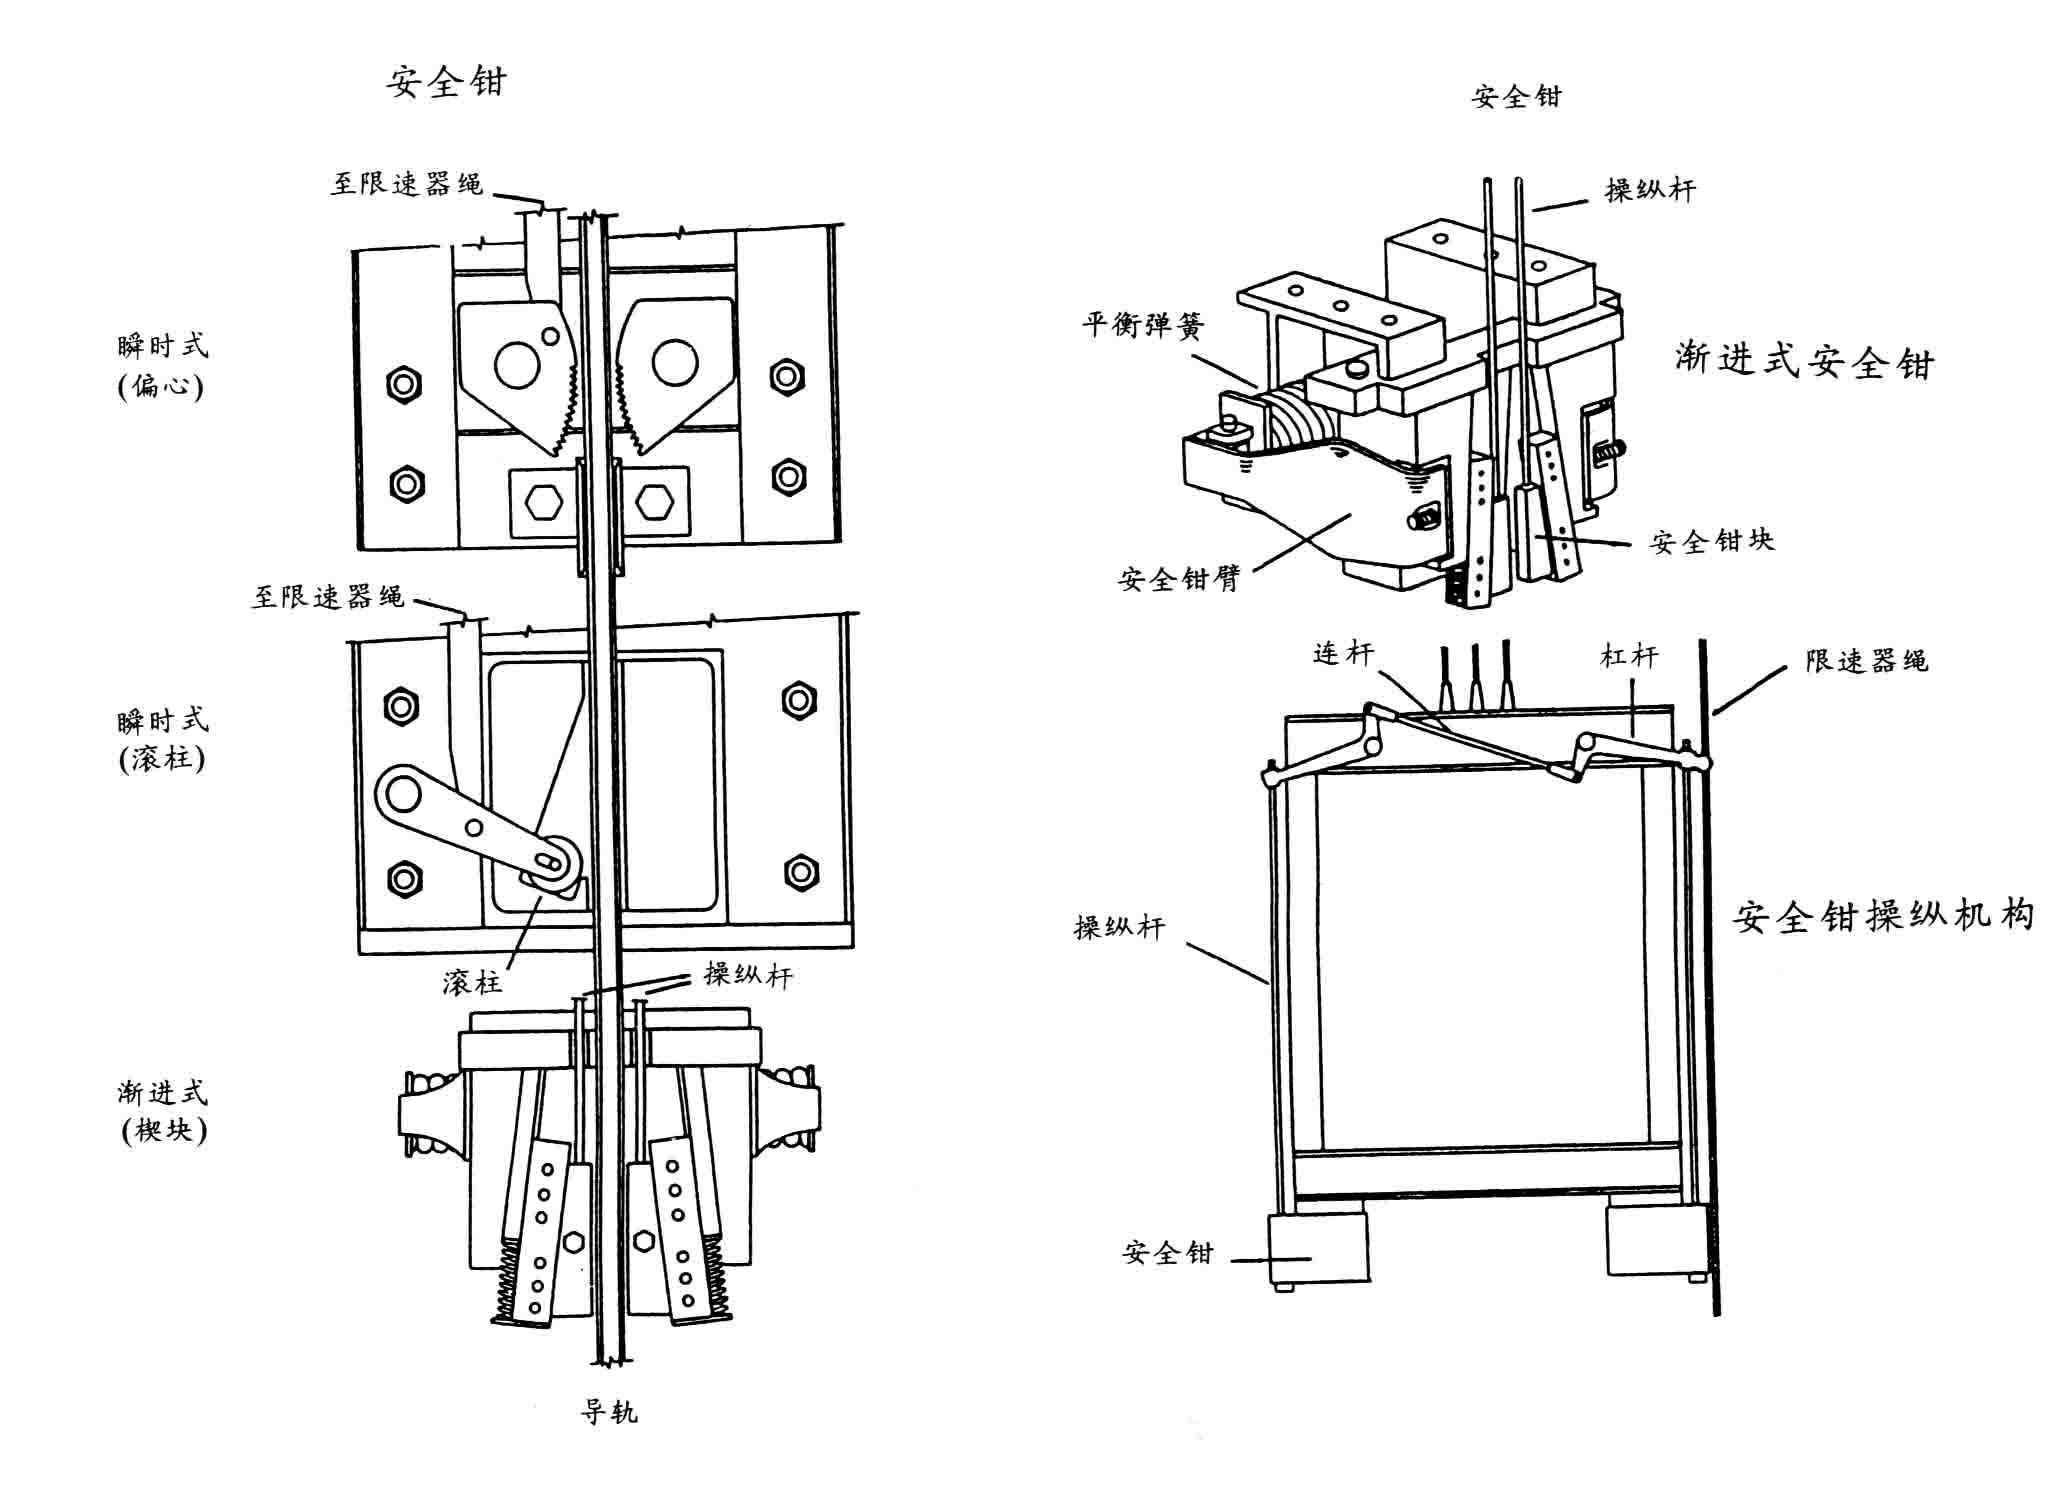 电梯图解 - 卓云在线成都科技有限公司